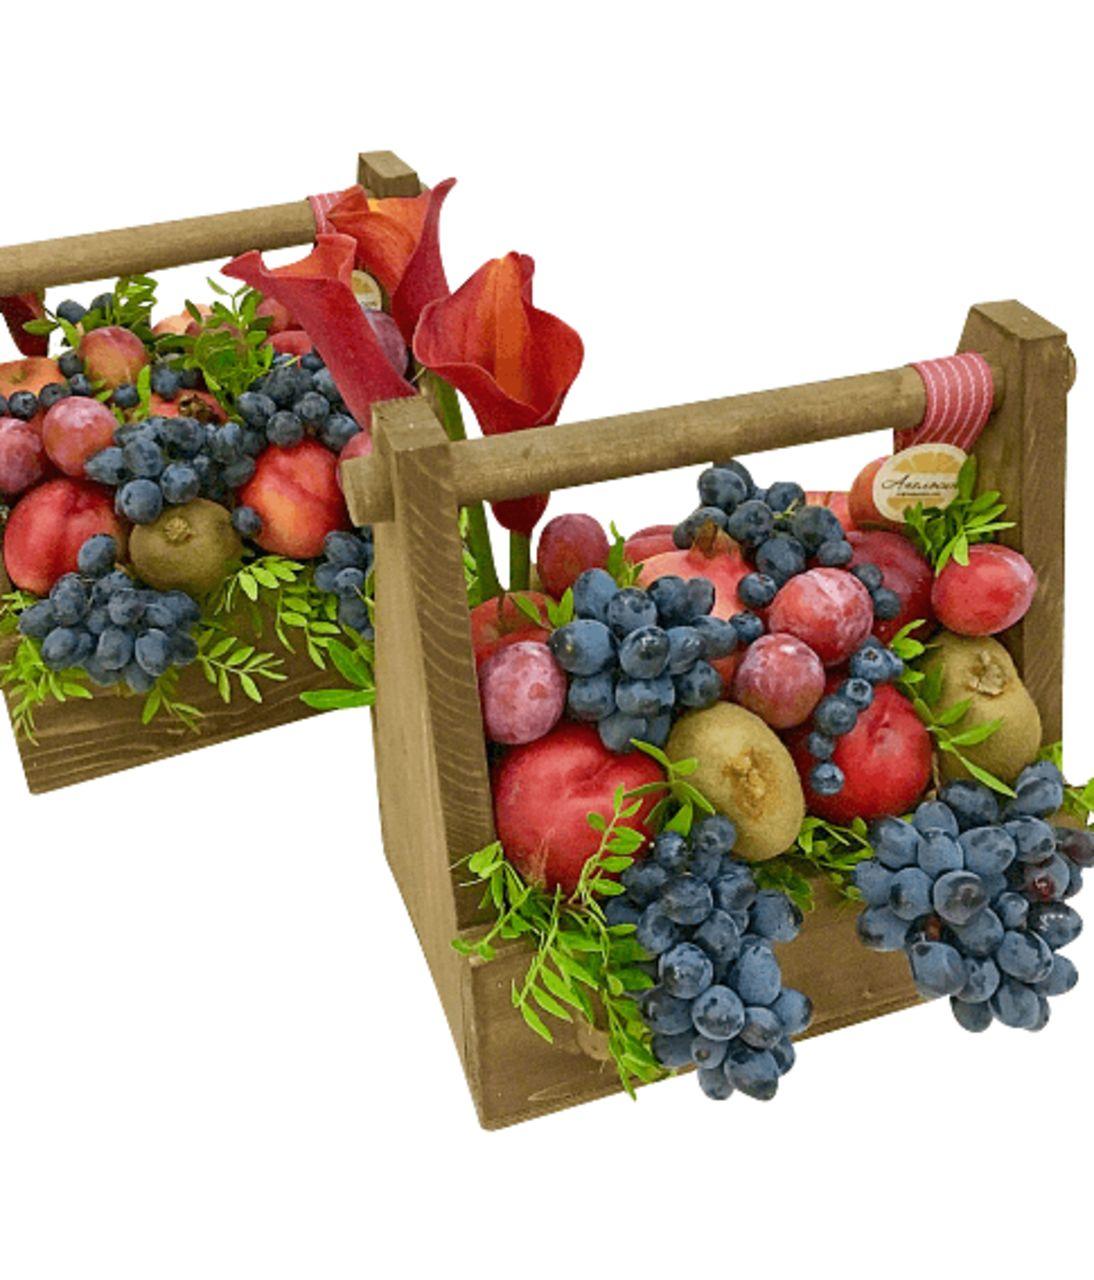 """Подарочная деревянная коробка с фруктами """"Виноград"""". superflowers.com.ua. Закажите подарочную коробку из дерева с ручкой и фруктами"""